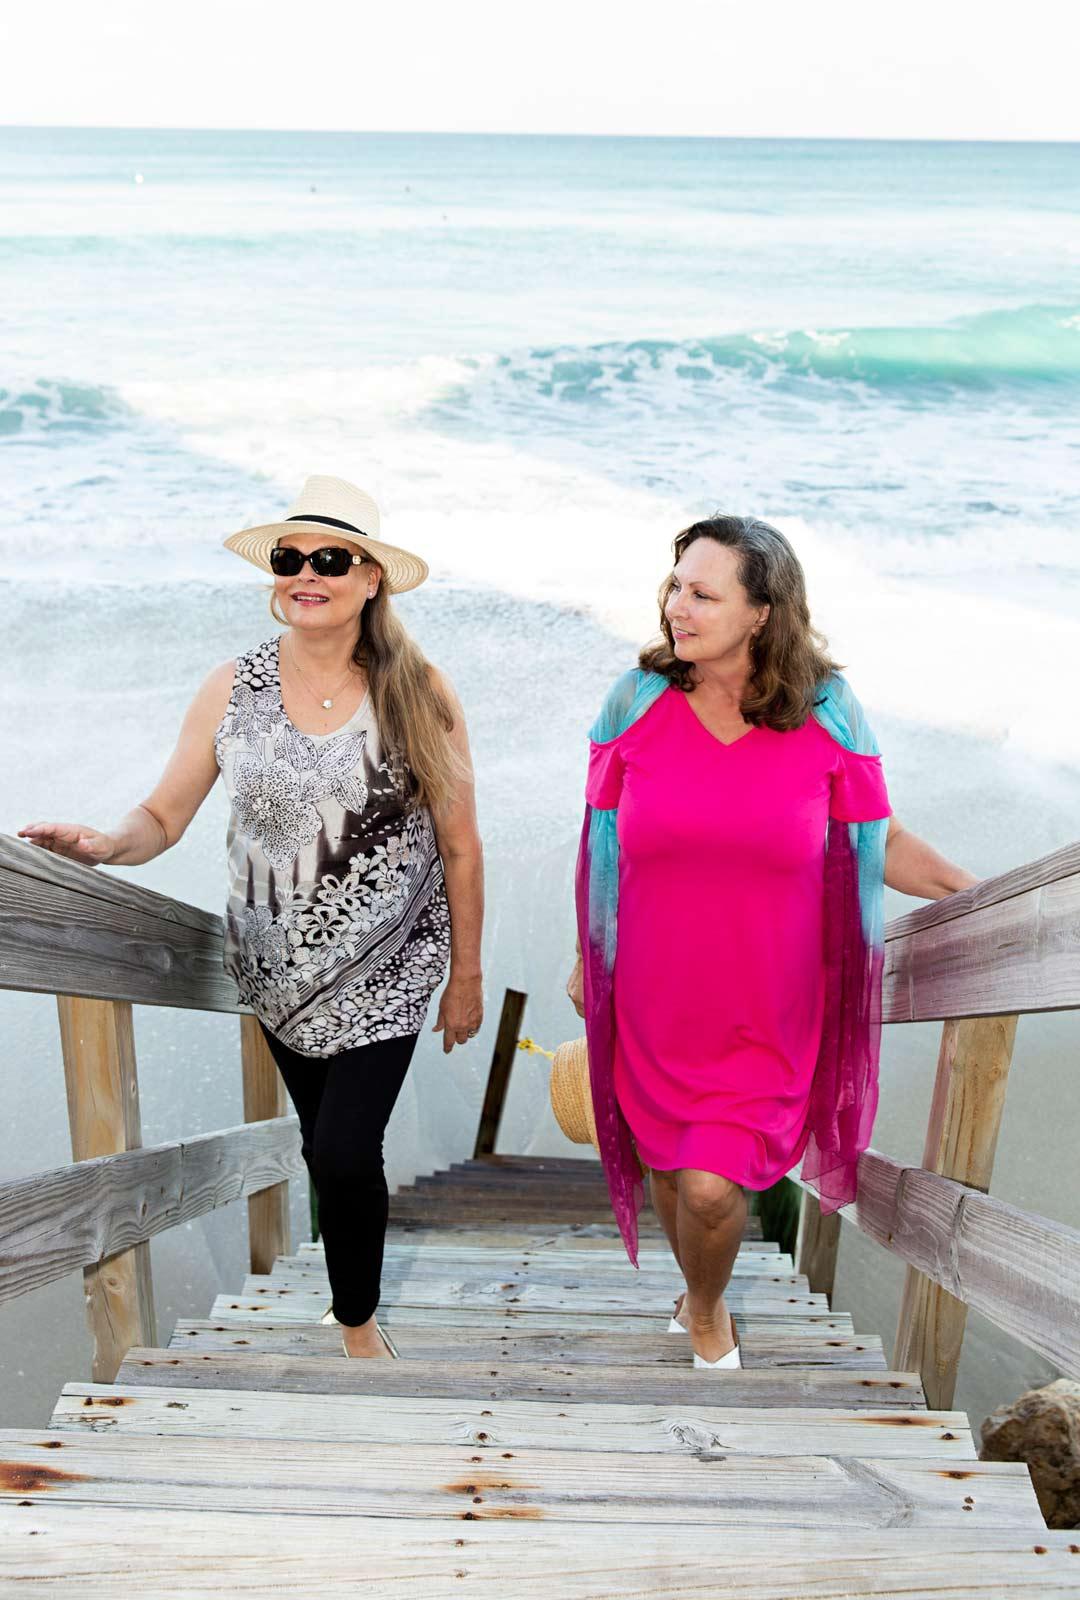 """Maiju Leskinen ihastui Floridaan, kun hän vietti viikonloppua Anne Pohtamo seurassaan. """"Kävelimme rannalla, jonka hiekkaan jalat eivät uponneet ja ajattelin, että Phil rakastaisi tätä."""""""